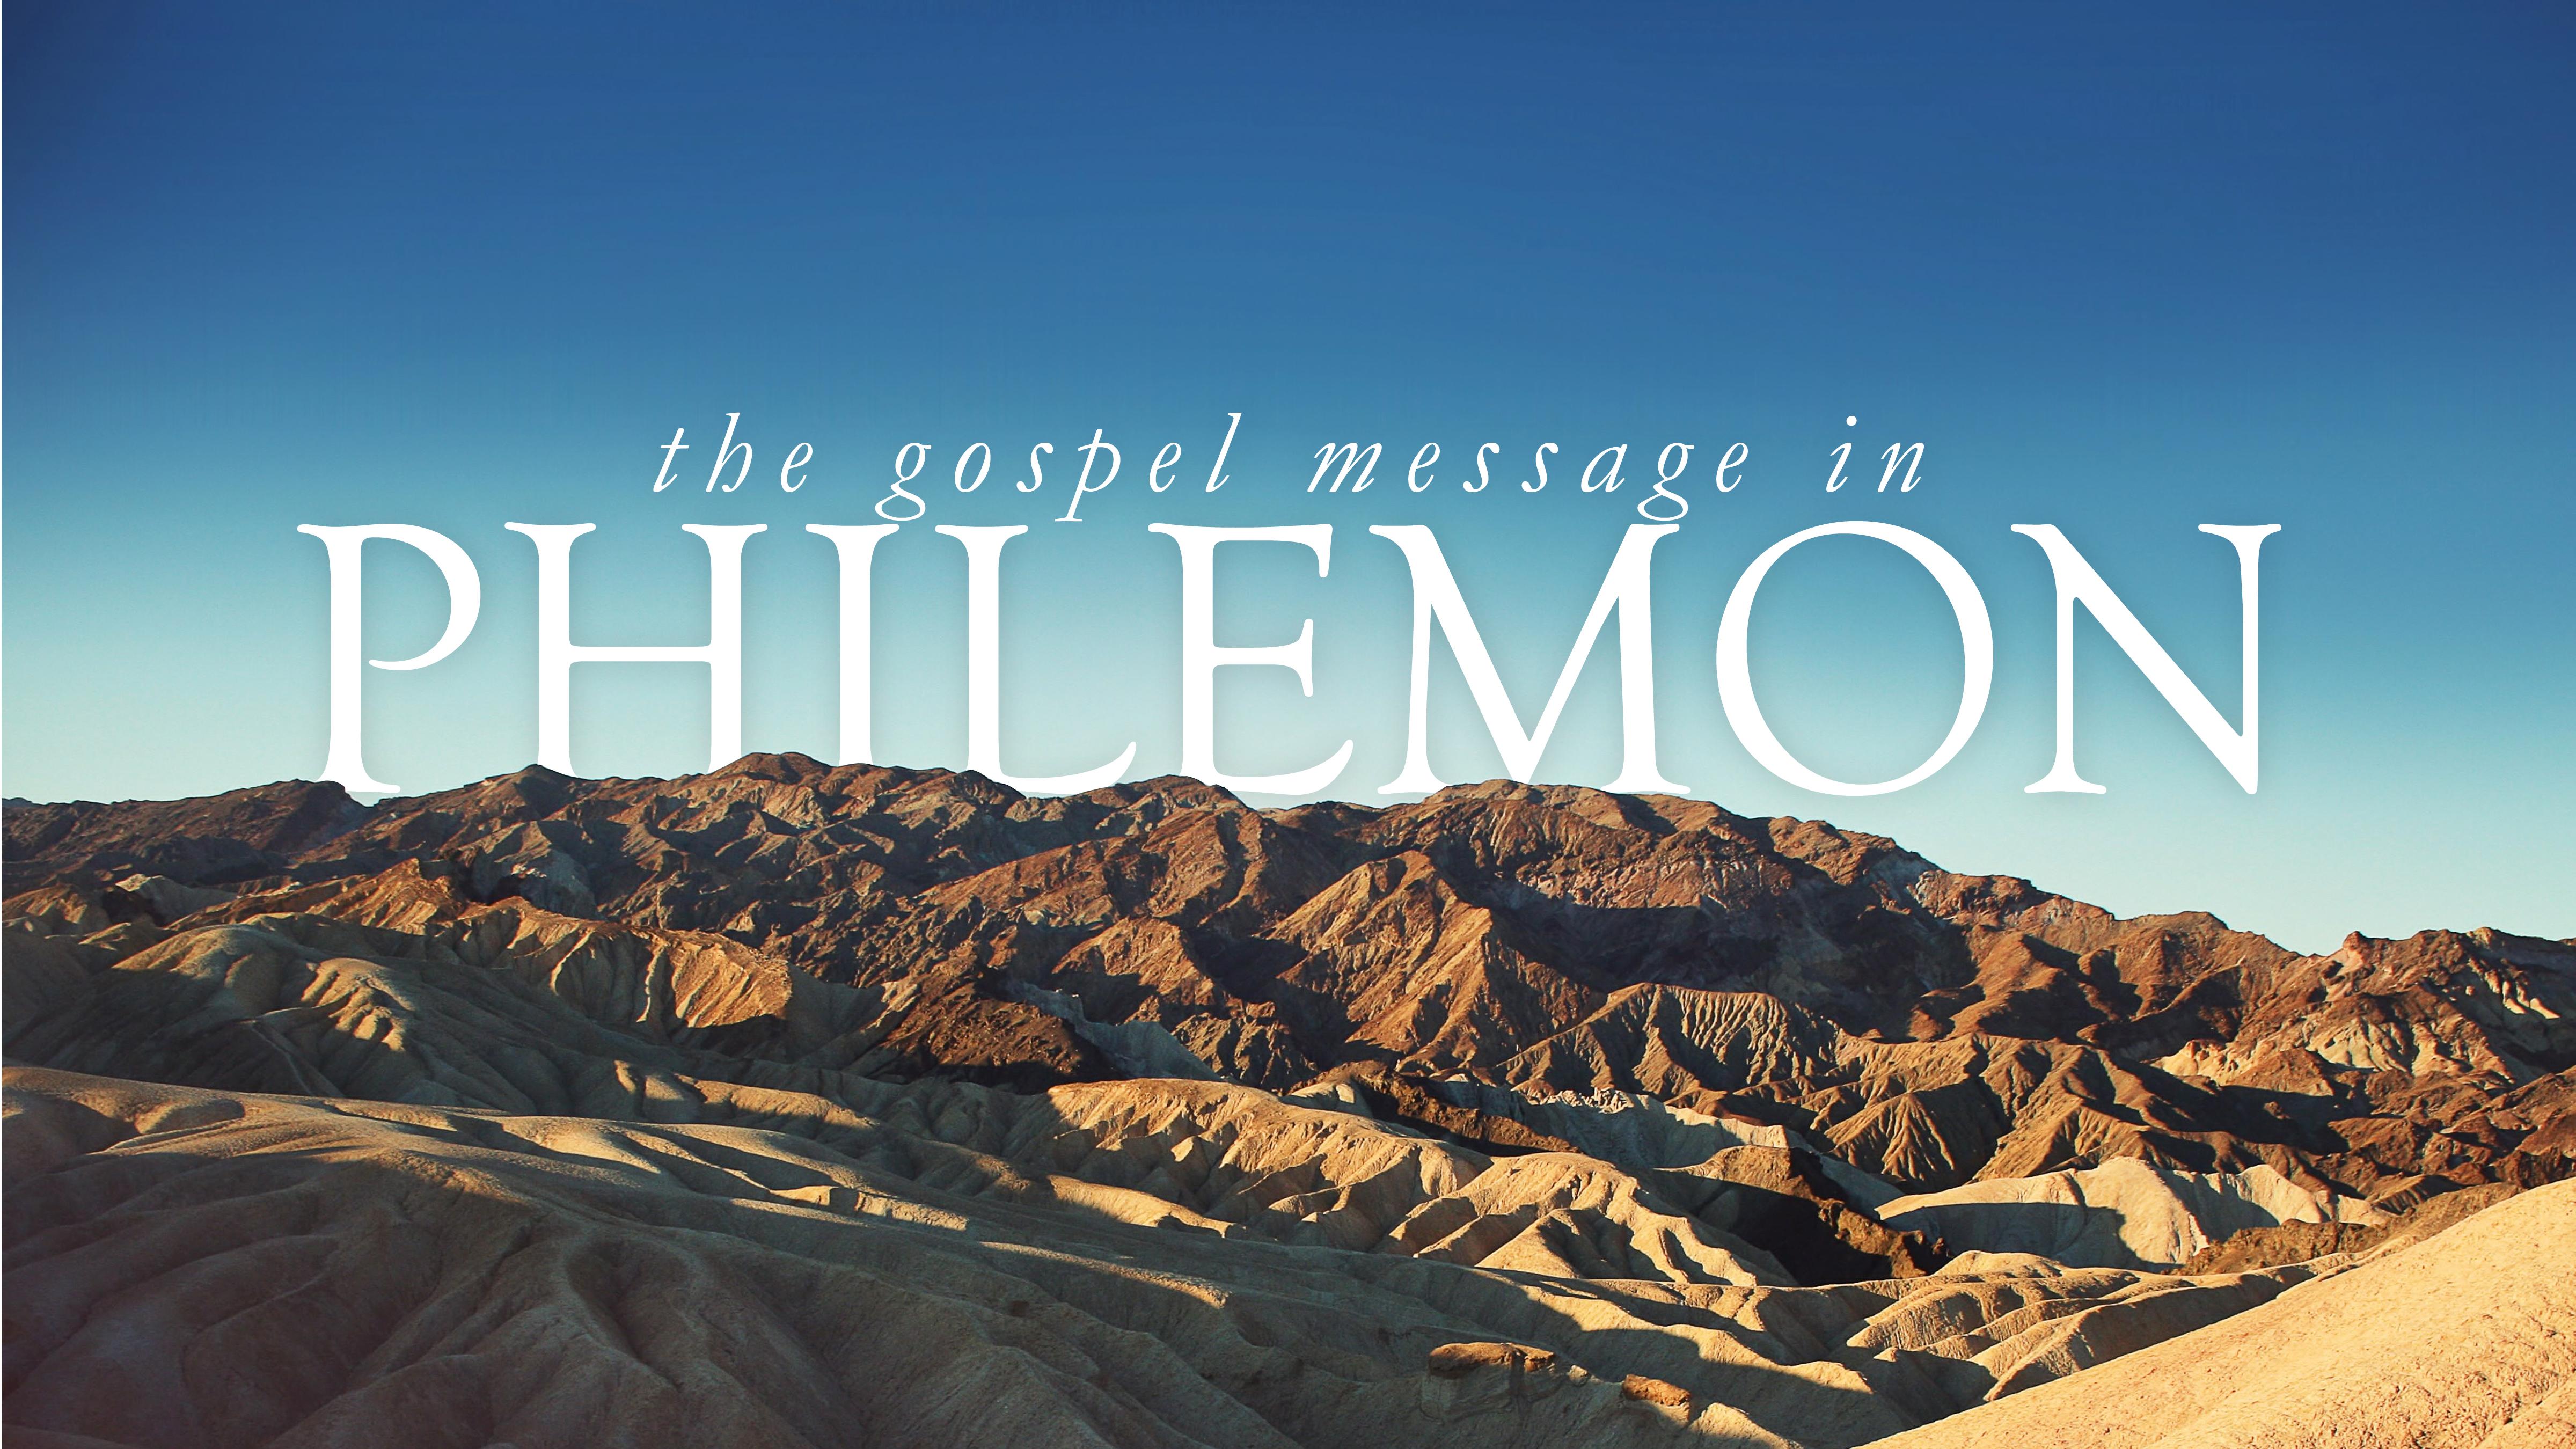 Philemon 8-22